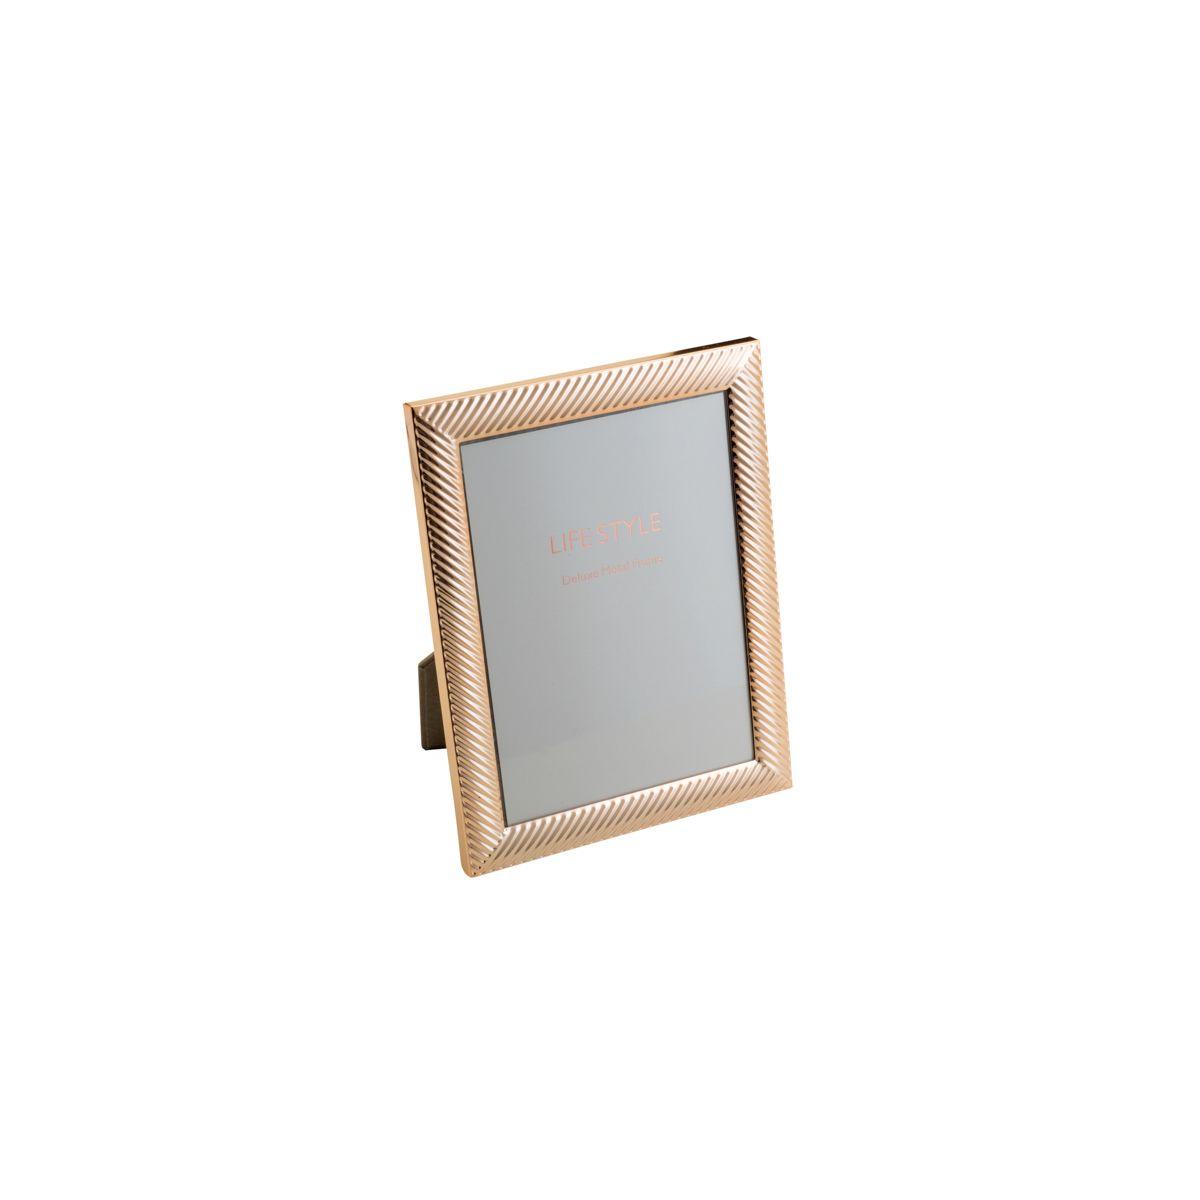 Porta-retrato 15 x 20 cm de aço rosé gold Thick Line Royal - 30459